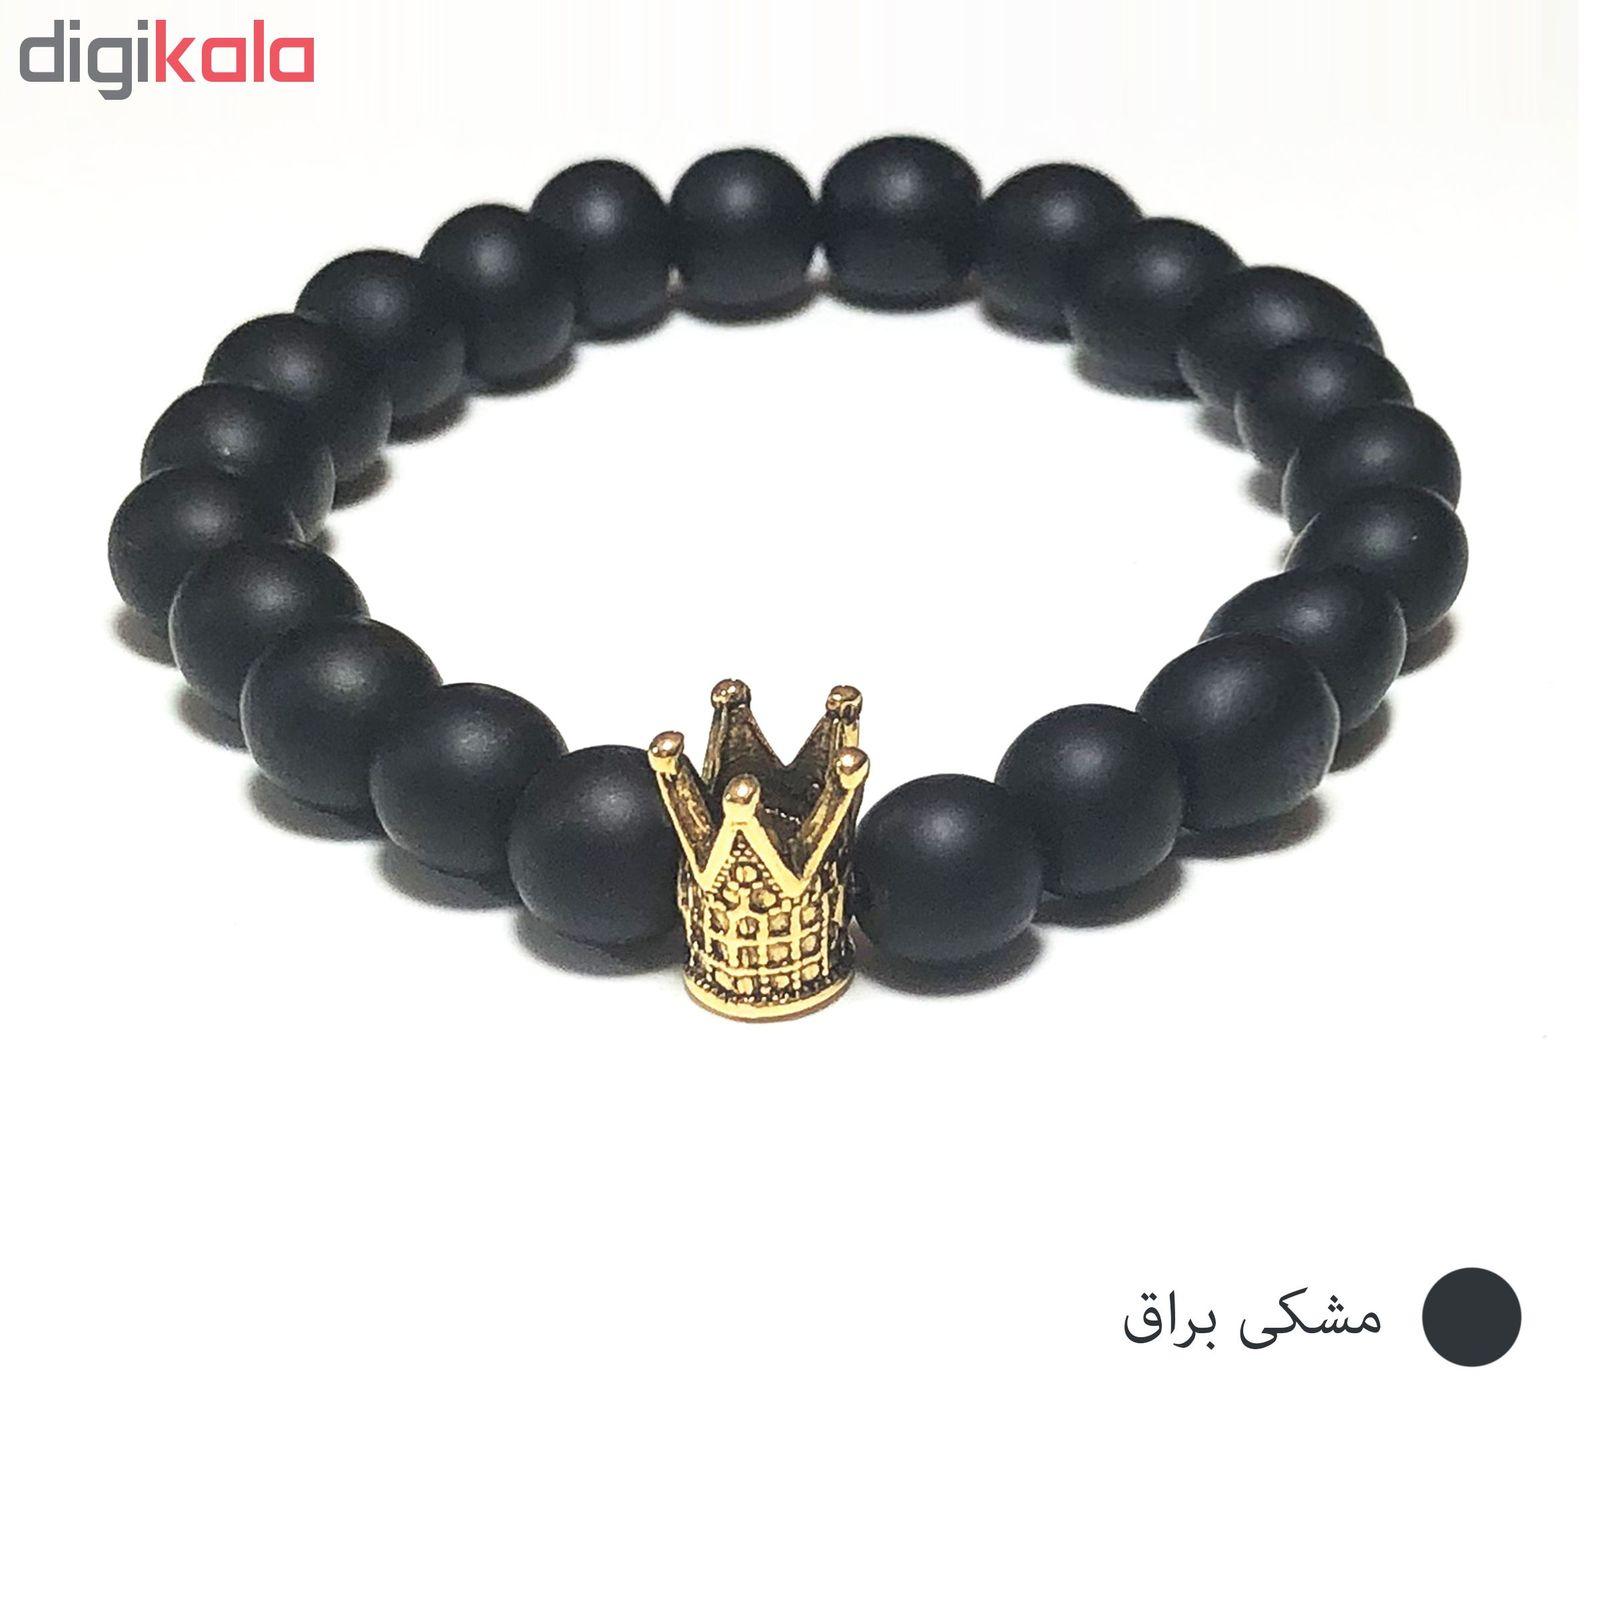 دستبند مردانه کد 777 main 1 1